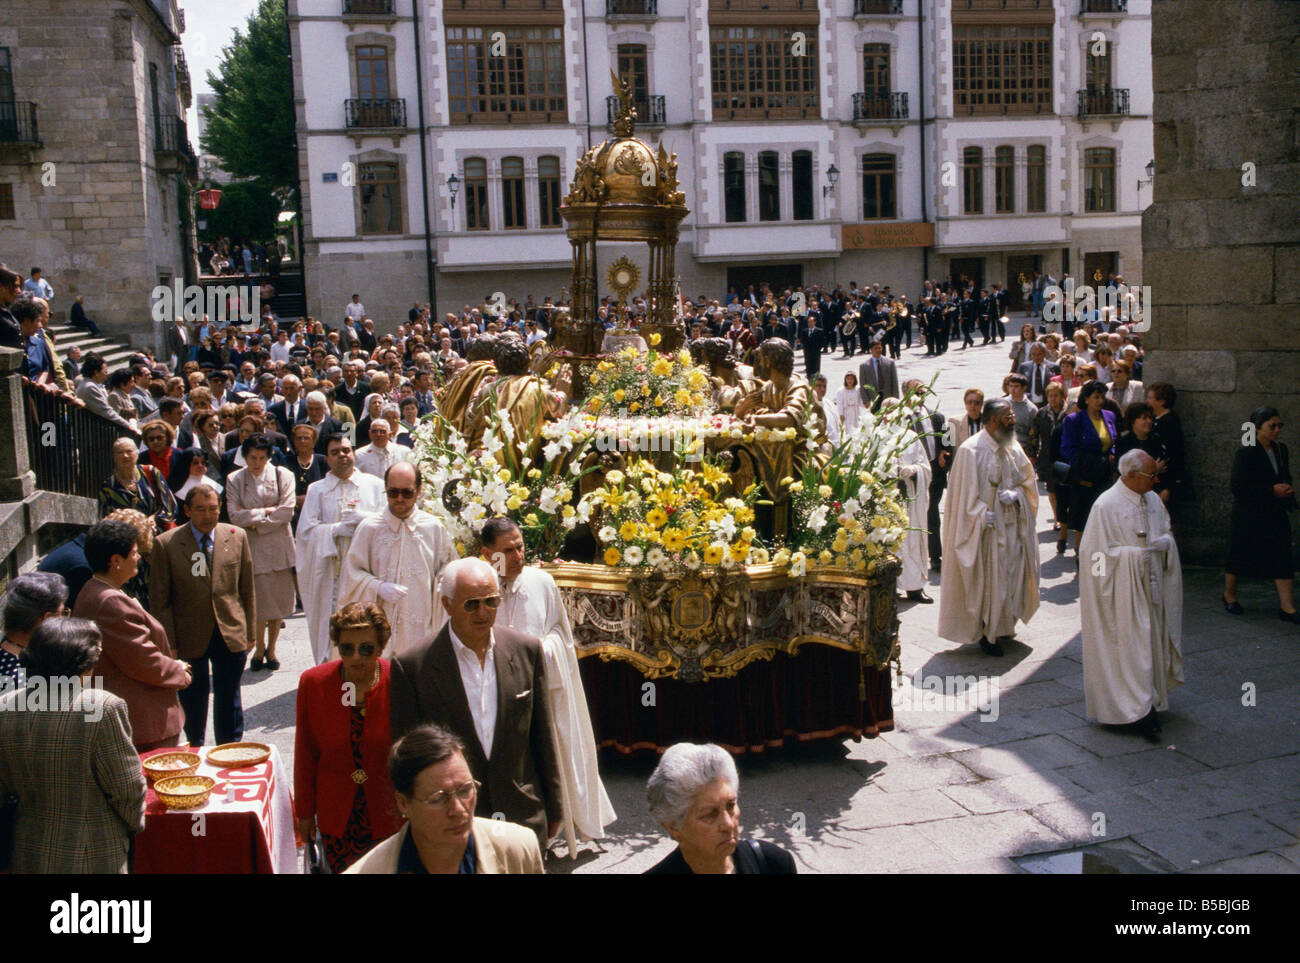 Corpus Christi procession Lugo Galicia Spain Europe - Stock Image